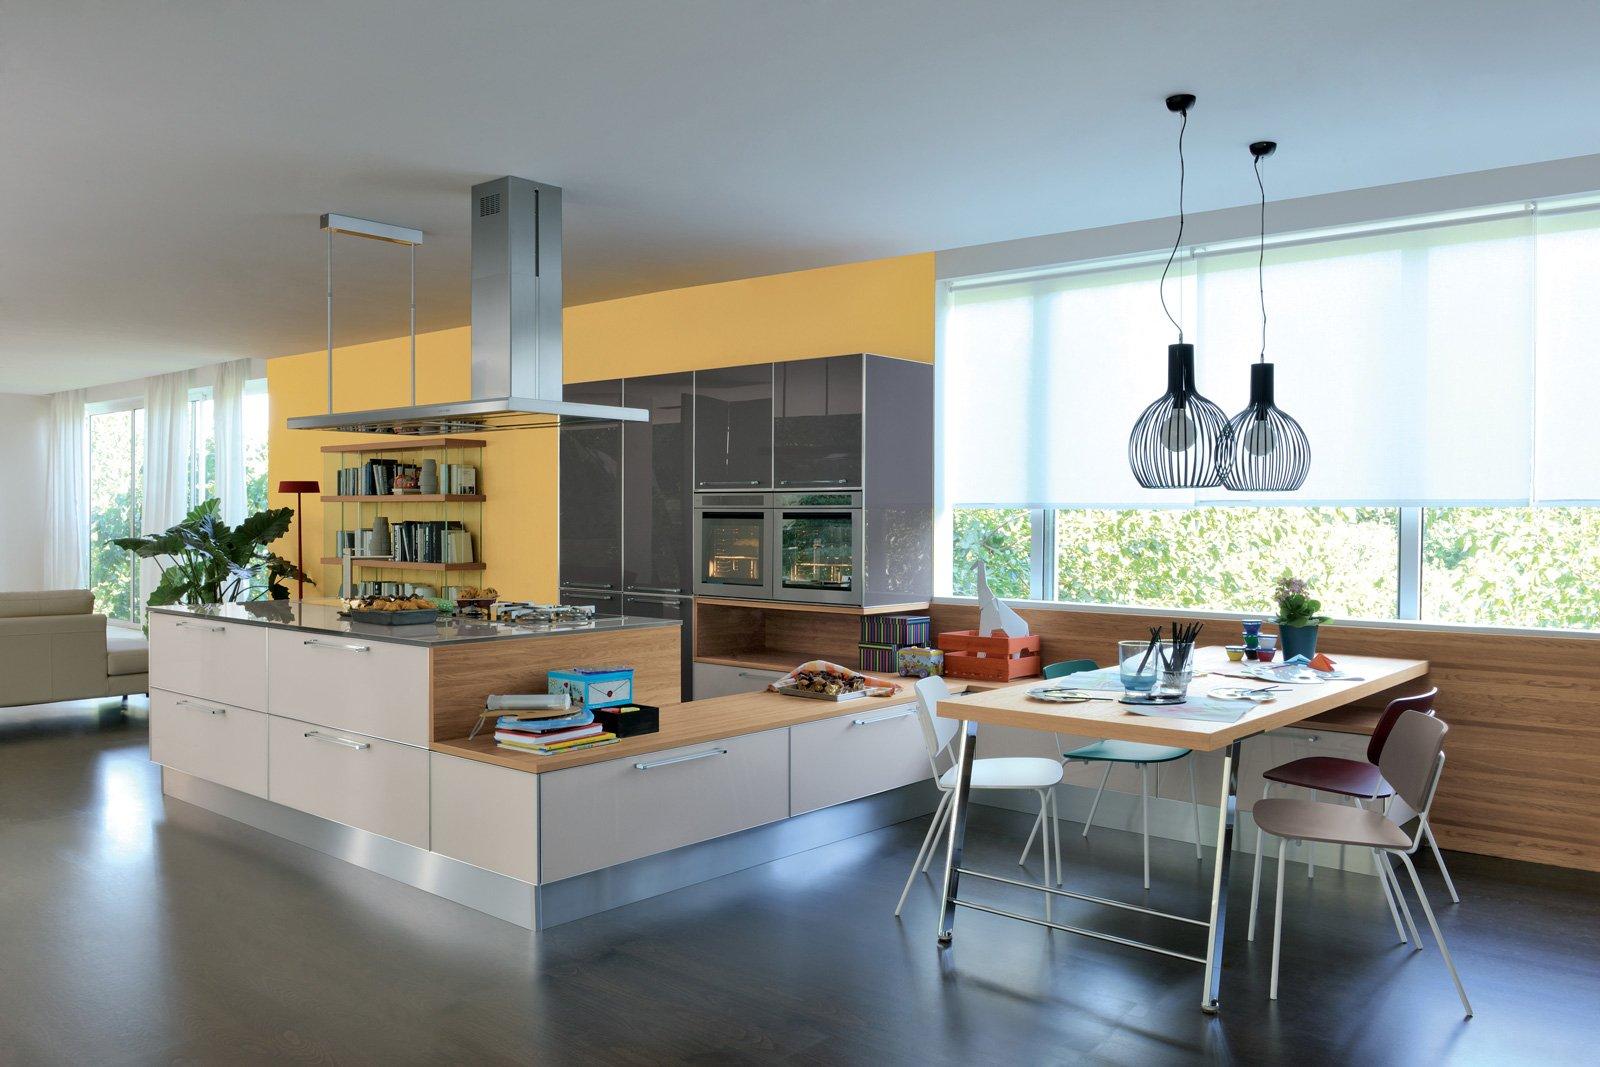 Arredamento cucine piccole cose di casa for Piccole cucine con isola